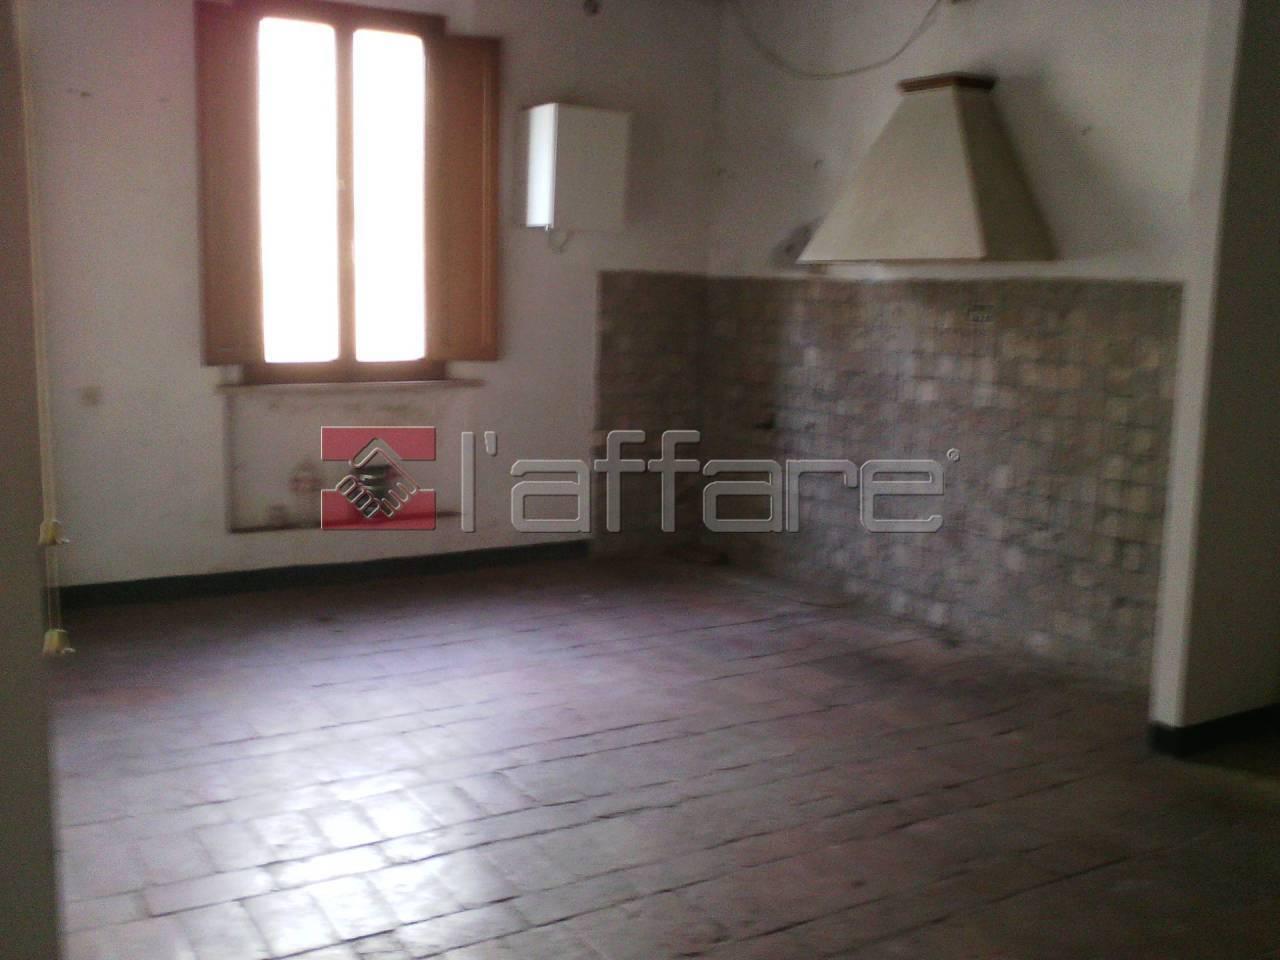 Appartamento in vendita a Fauglia, 2 locali, prezzo € 38.000 | Cambio Casa.it